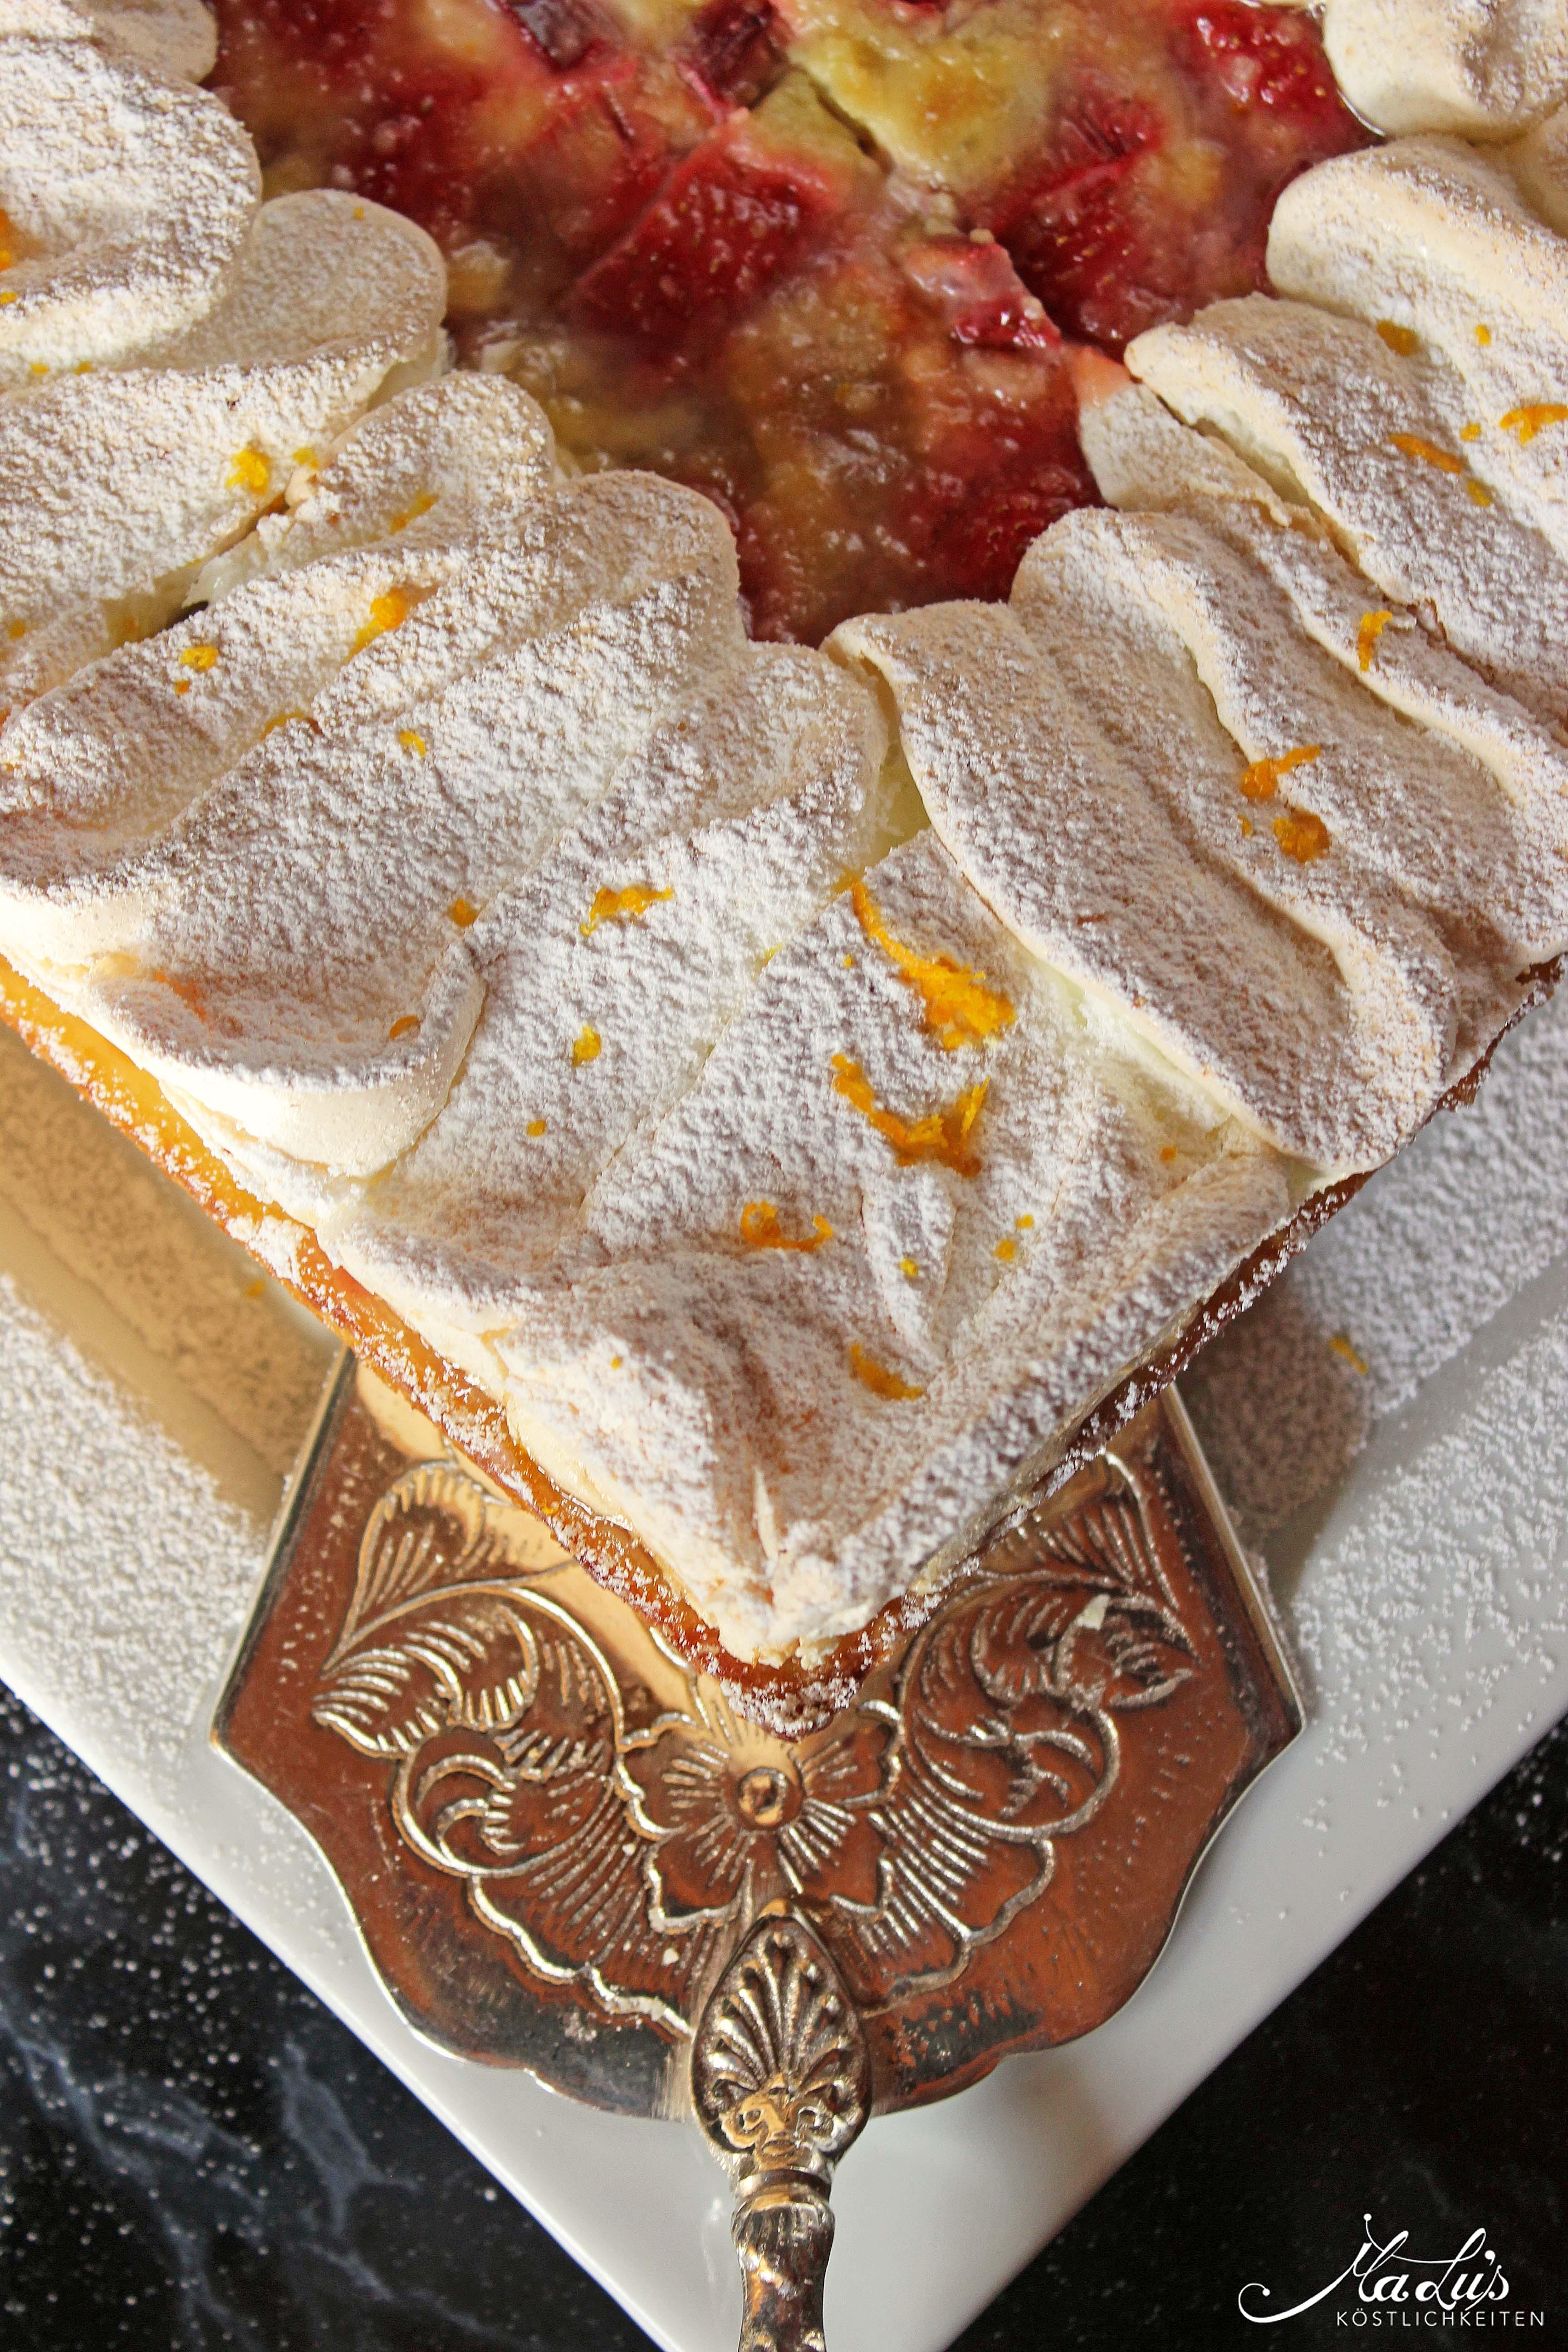 Rhabarber-Erdbeer Flan Tarte mit Orangenbaiser